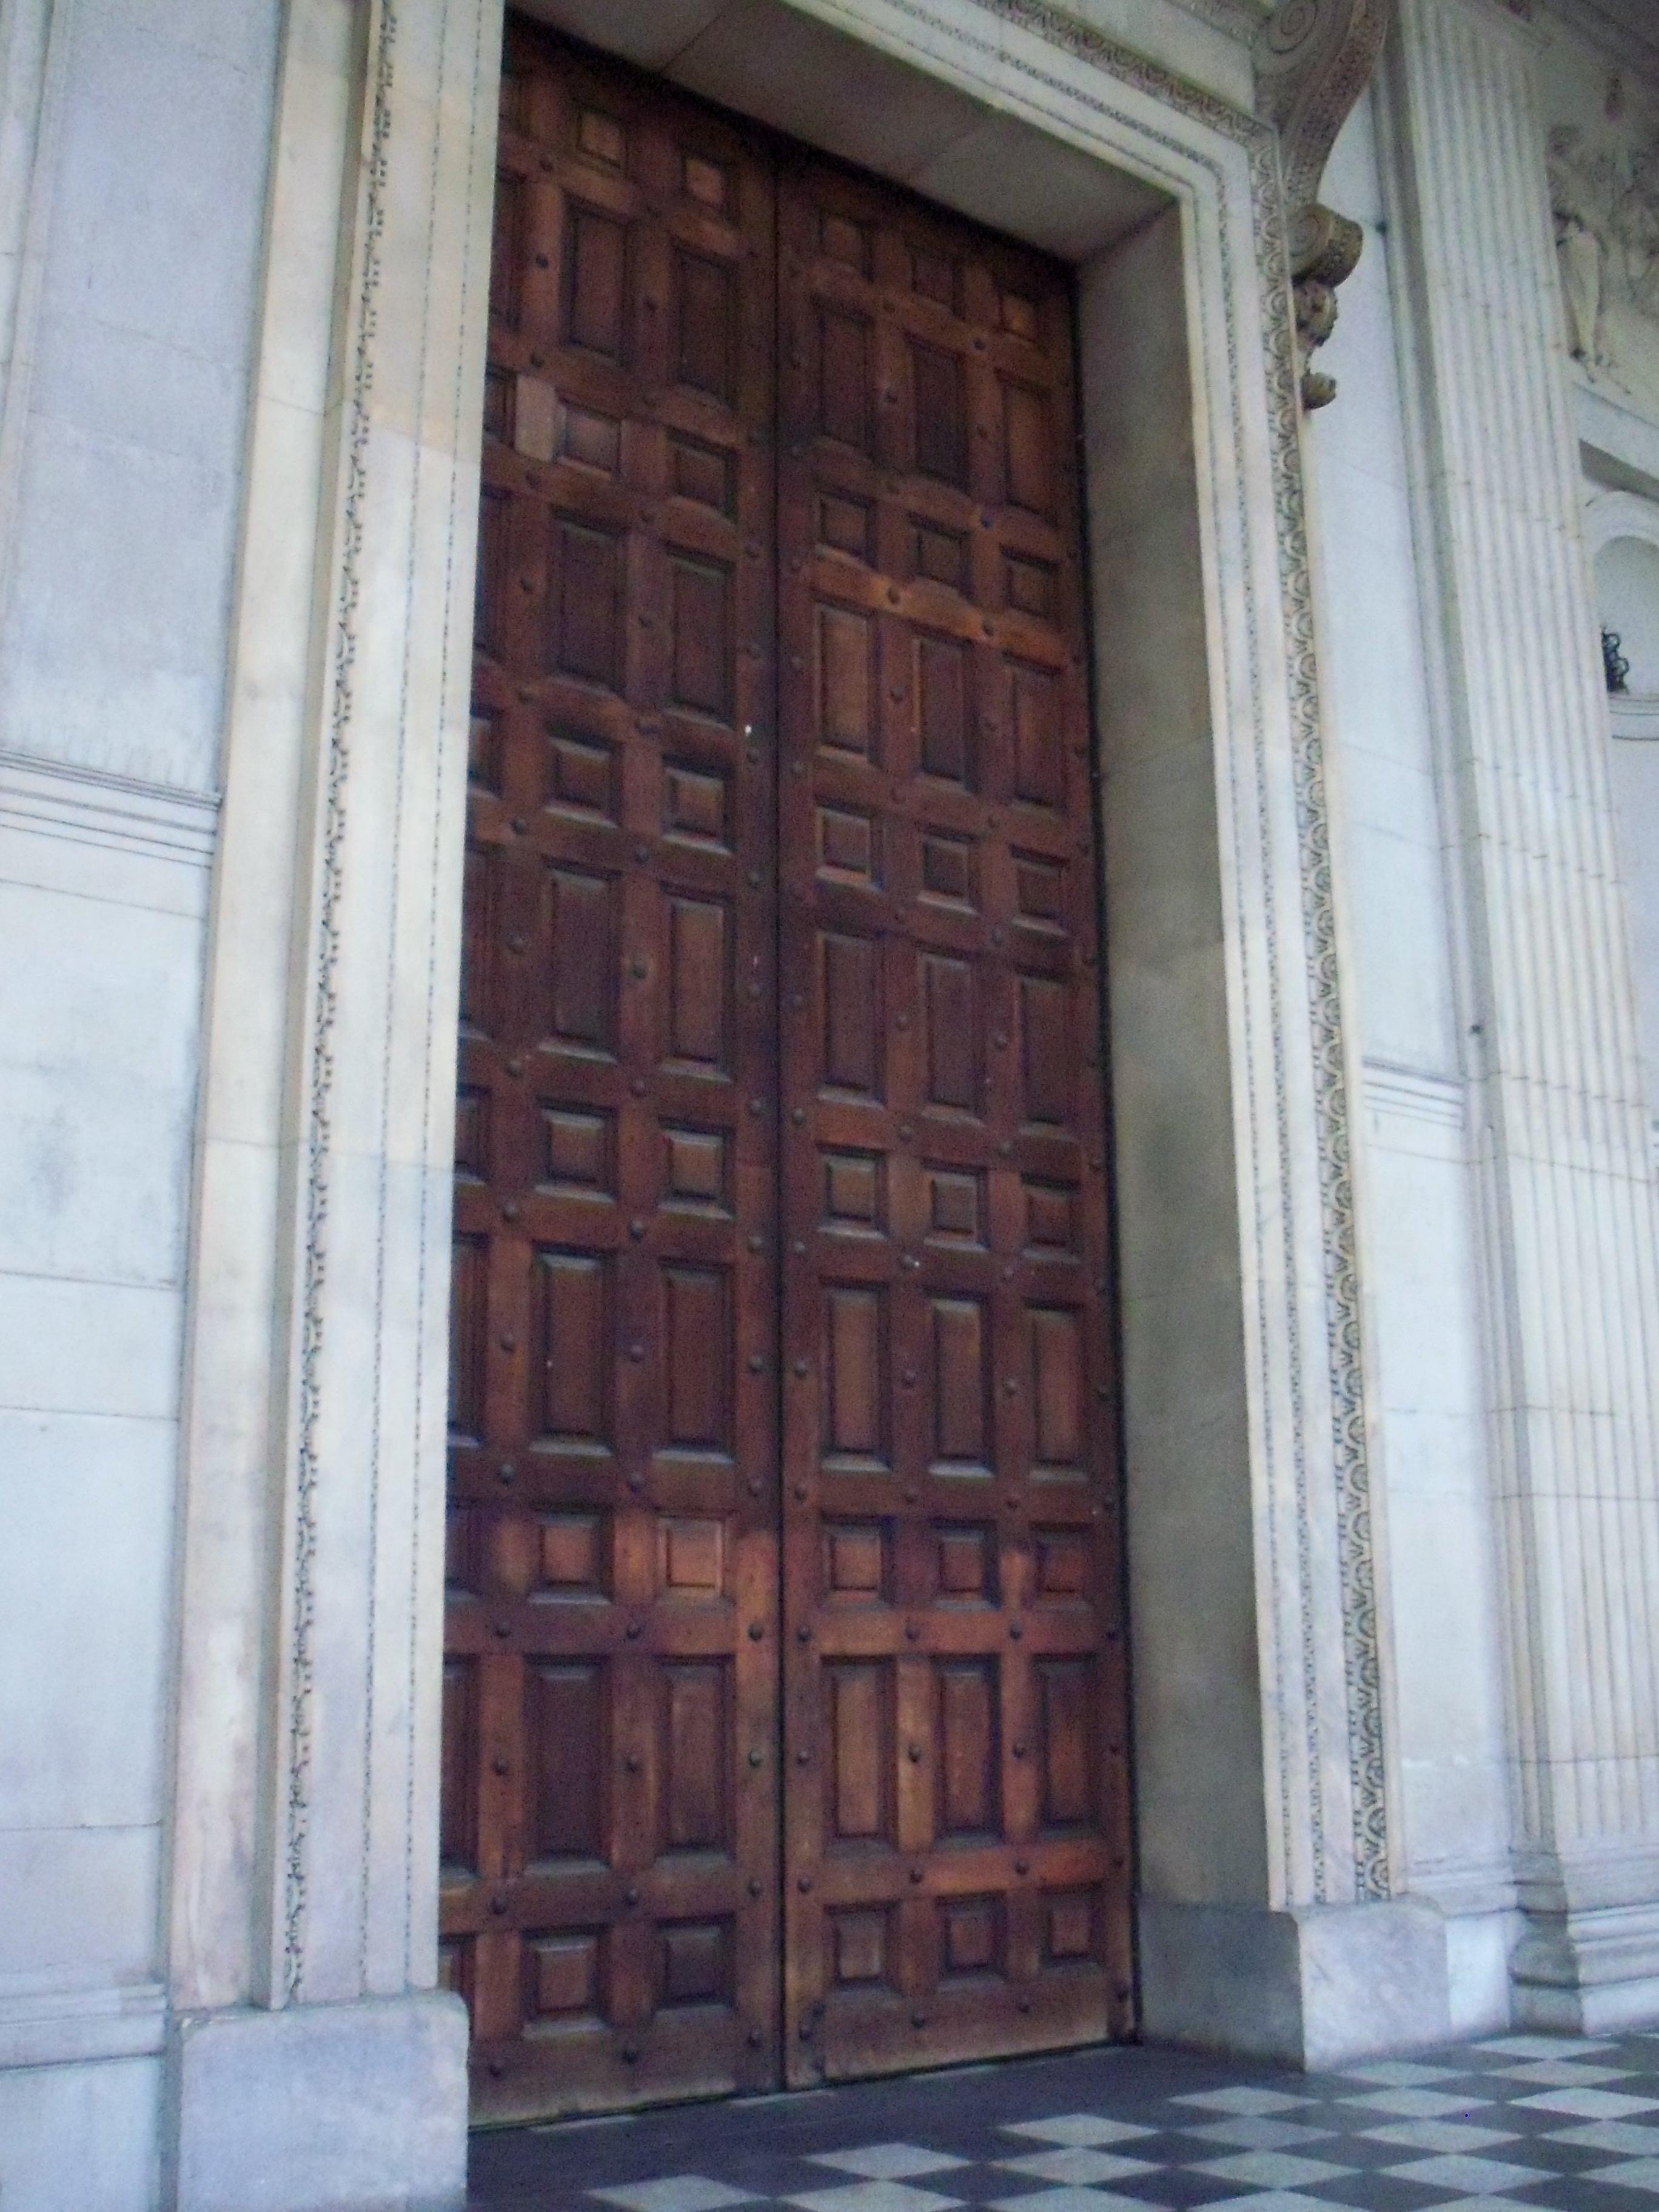 Mumfordu0026wooddoor.jpg Timber door.JPG & Types of door - Designing Buildings Wiki